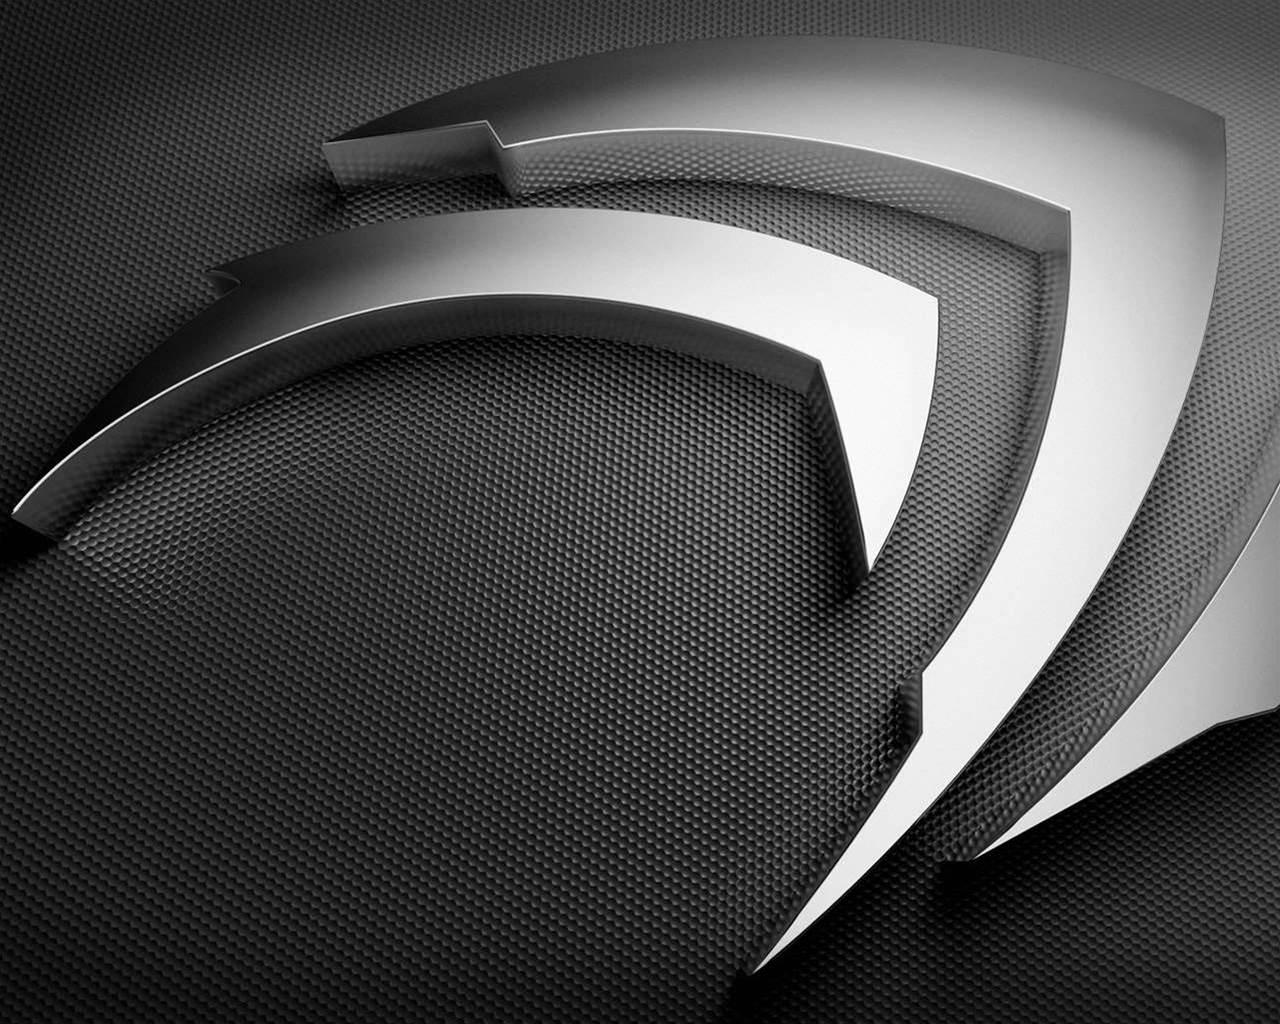 NVIDIA's PhysX might run on ATI hardware